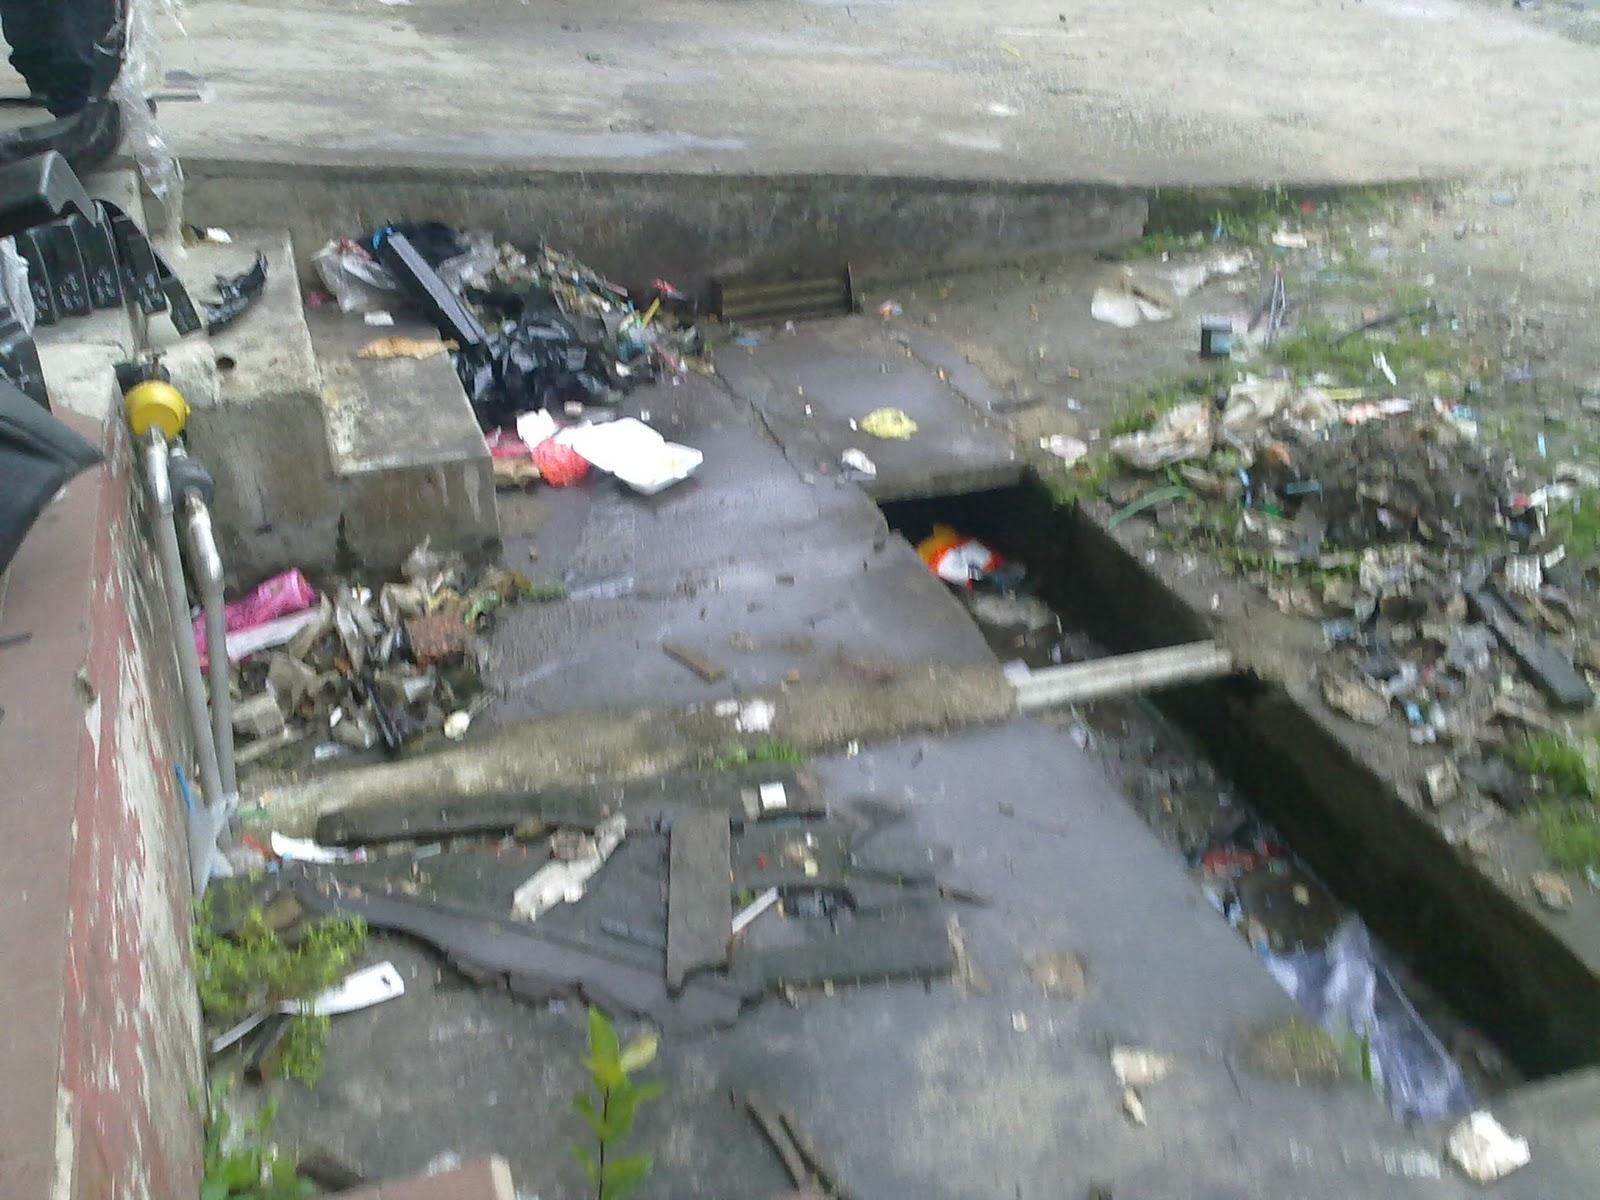 Masalah kereta di sebuah bengkel di tepi sungai kota tinggi